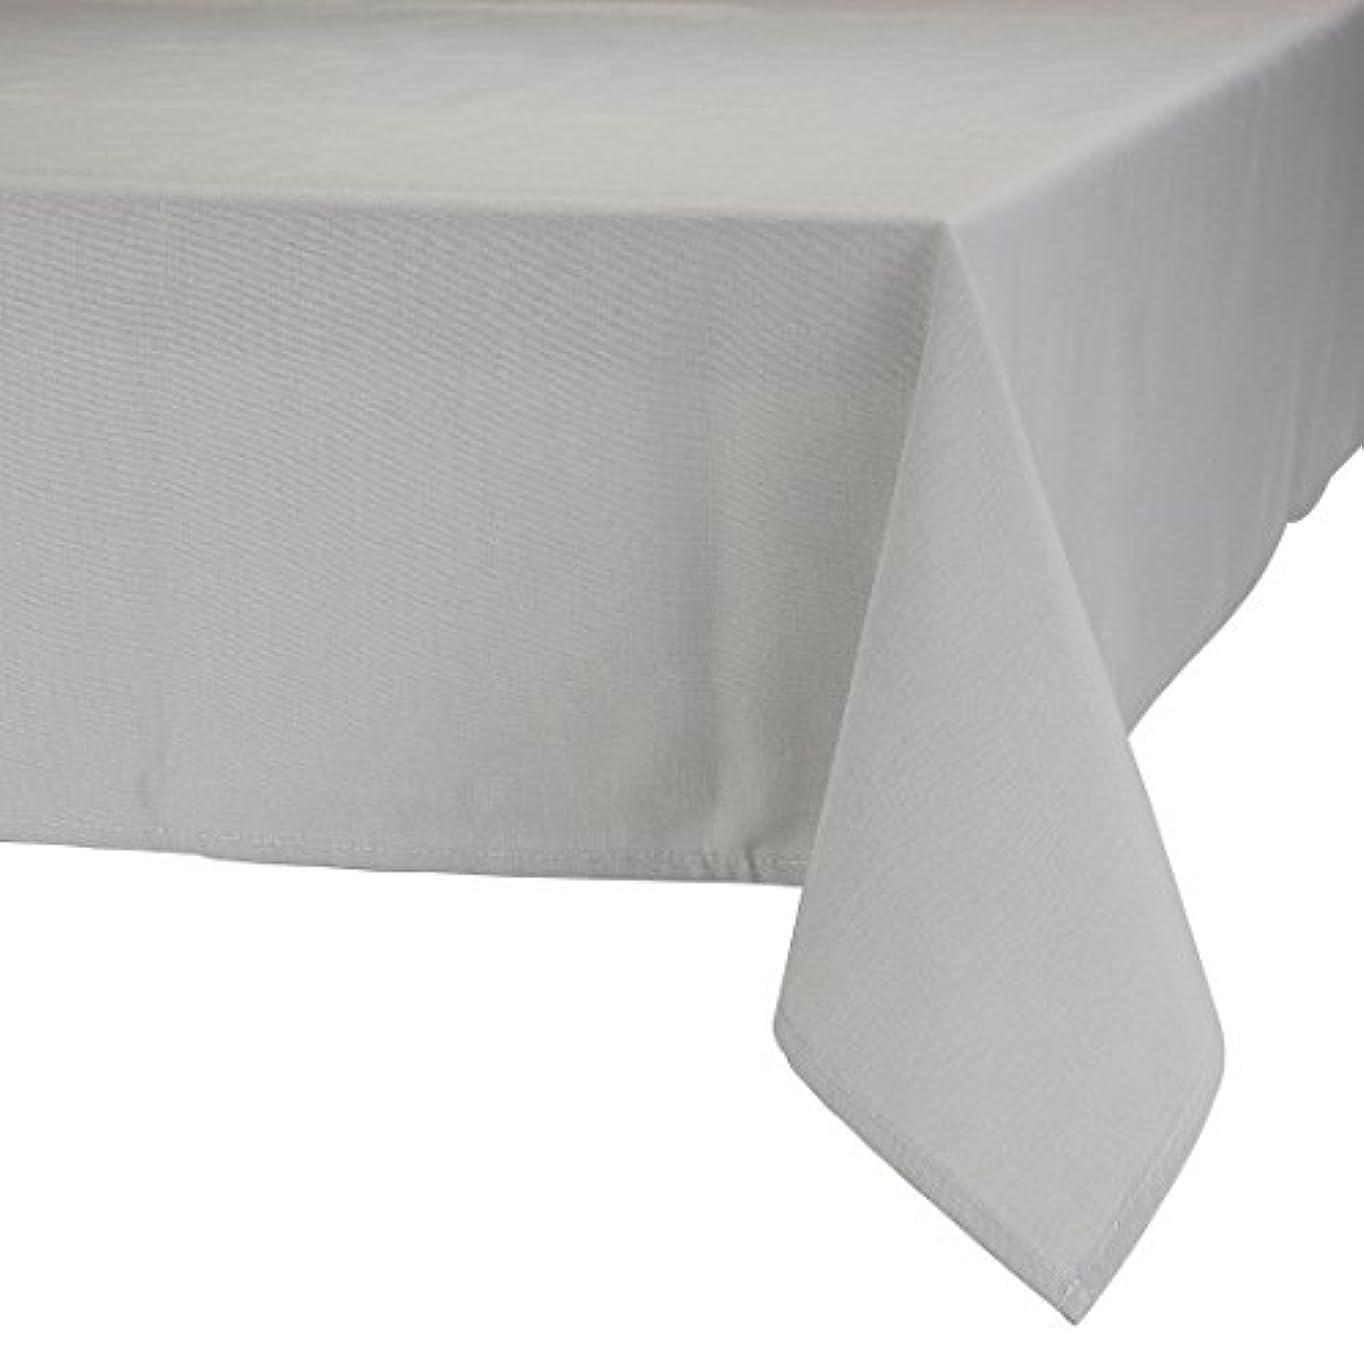 キャッチゴシップ背が高いMAJEST(マジェスト) テーブルクロス 長方形160cmx230cm 布地 グレー 無地 繋なし 吸水タイプ